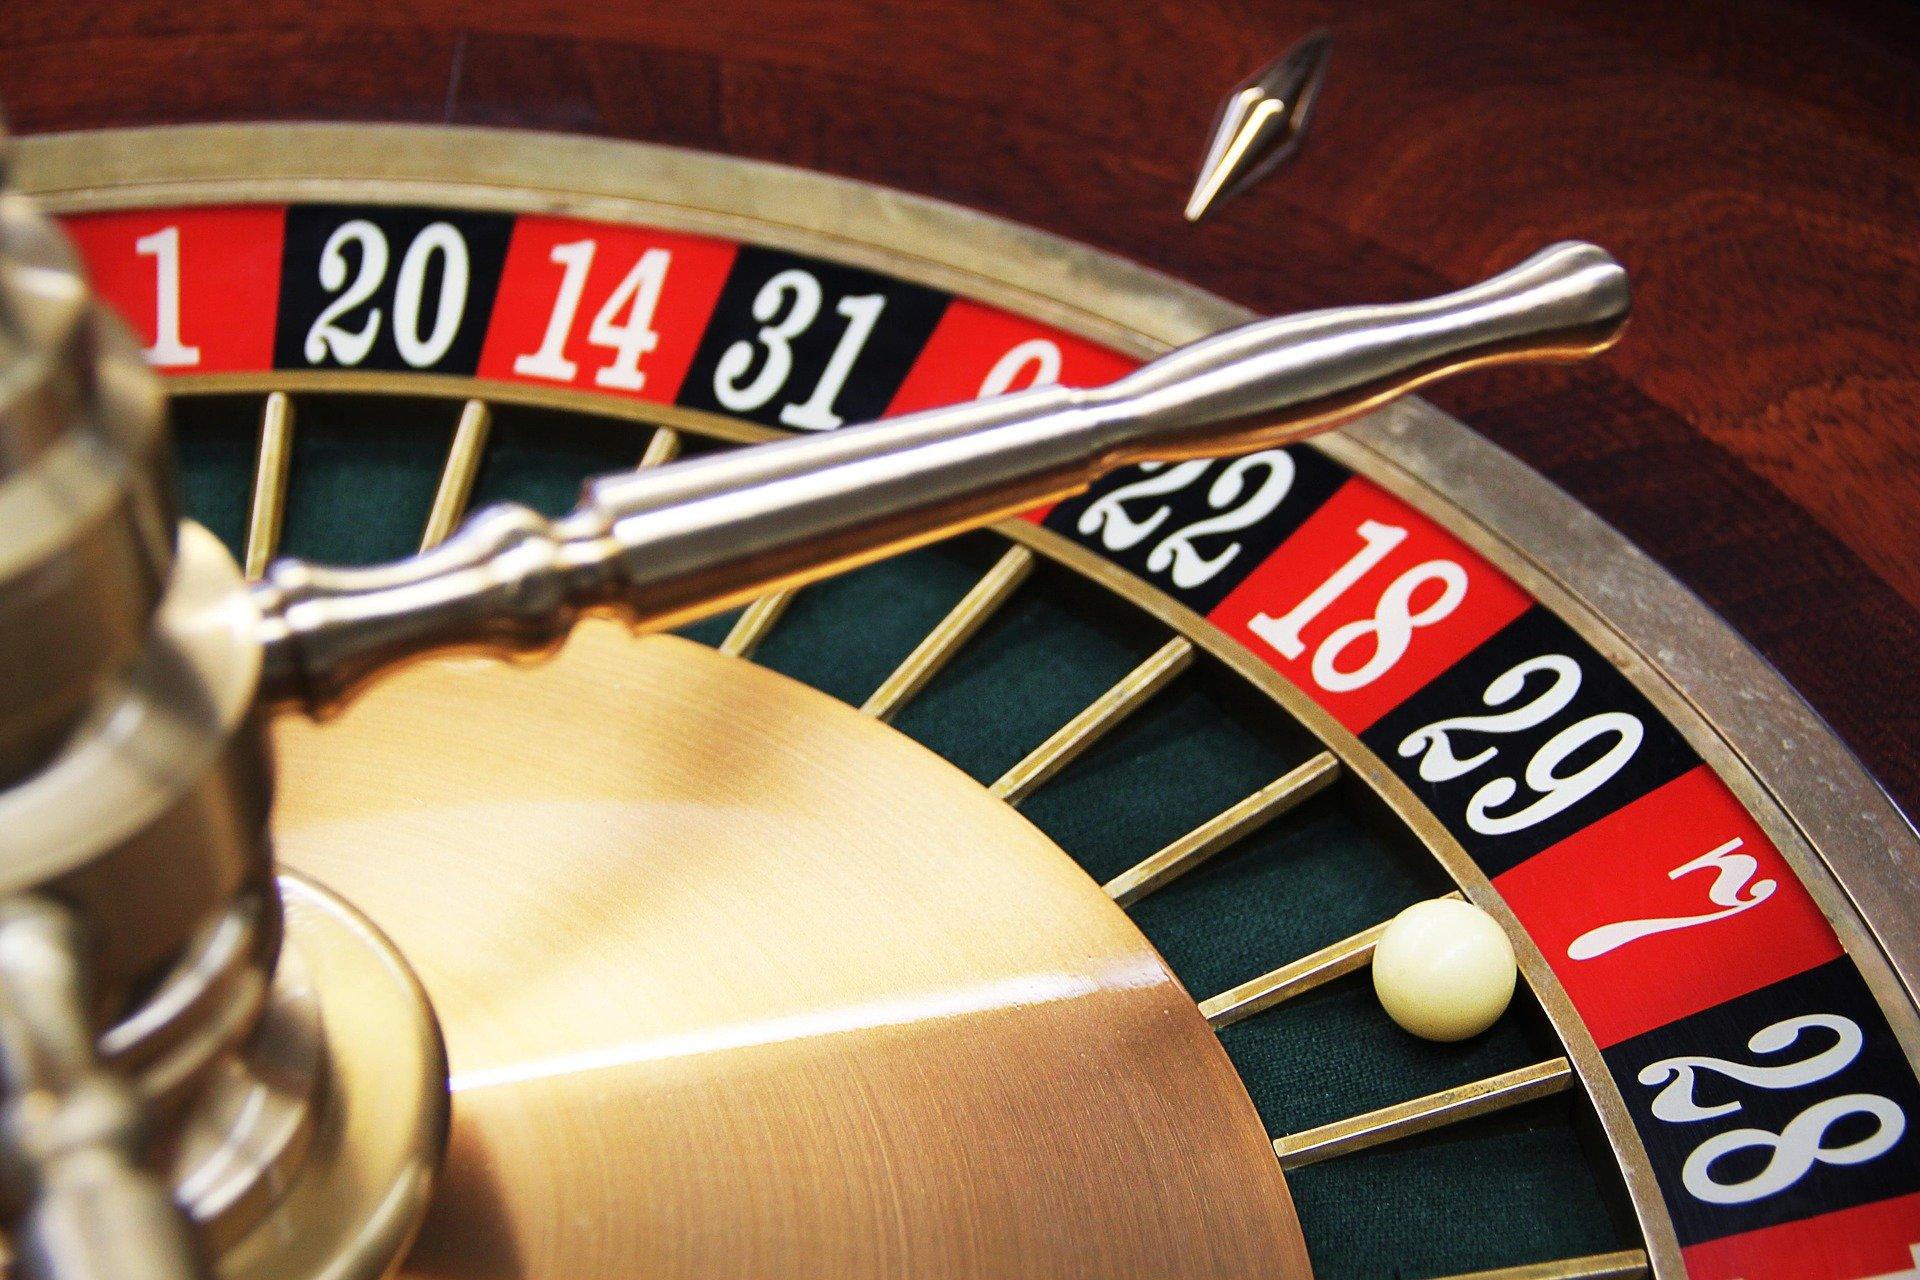 パワーストーンは私利私欲や悪い欲、ギャンブルなどに使うのは良くないのはなぜ?